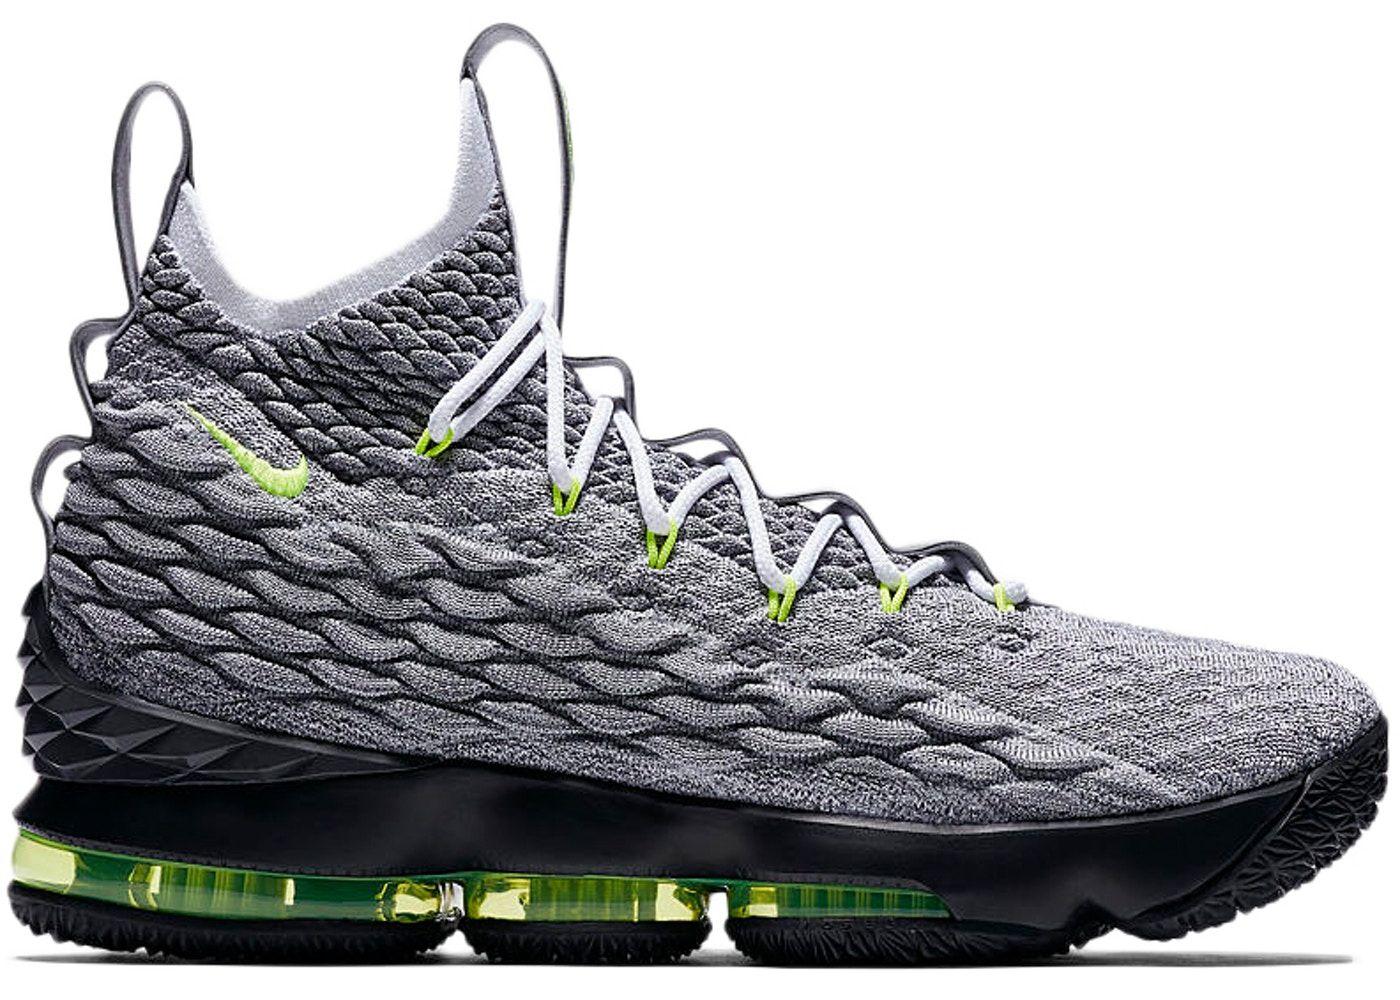 Nike LeBron 15 Air Max 95 in 2020 | Air